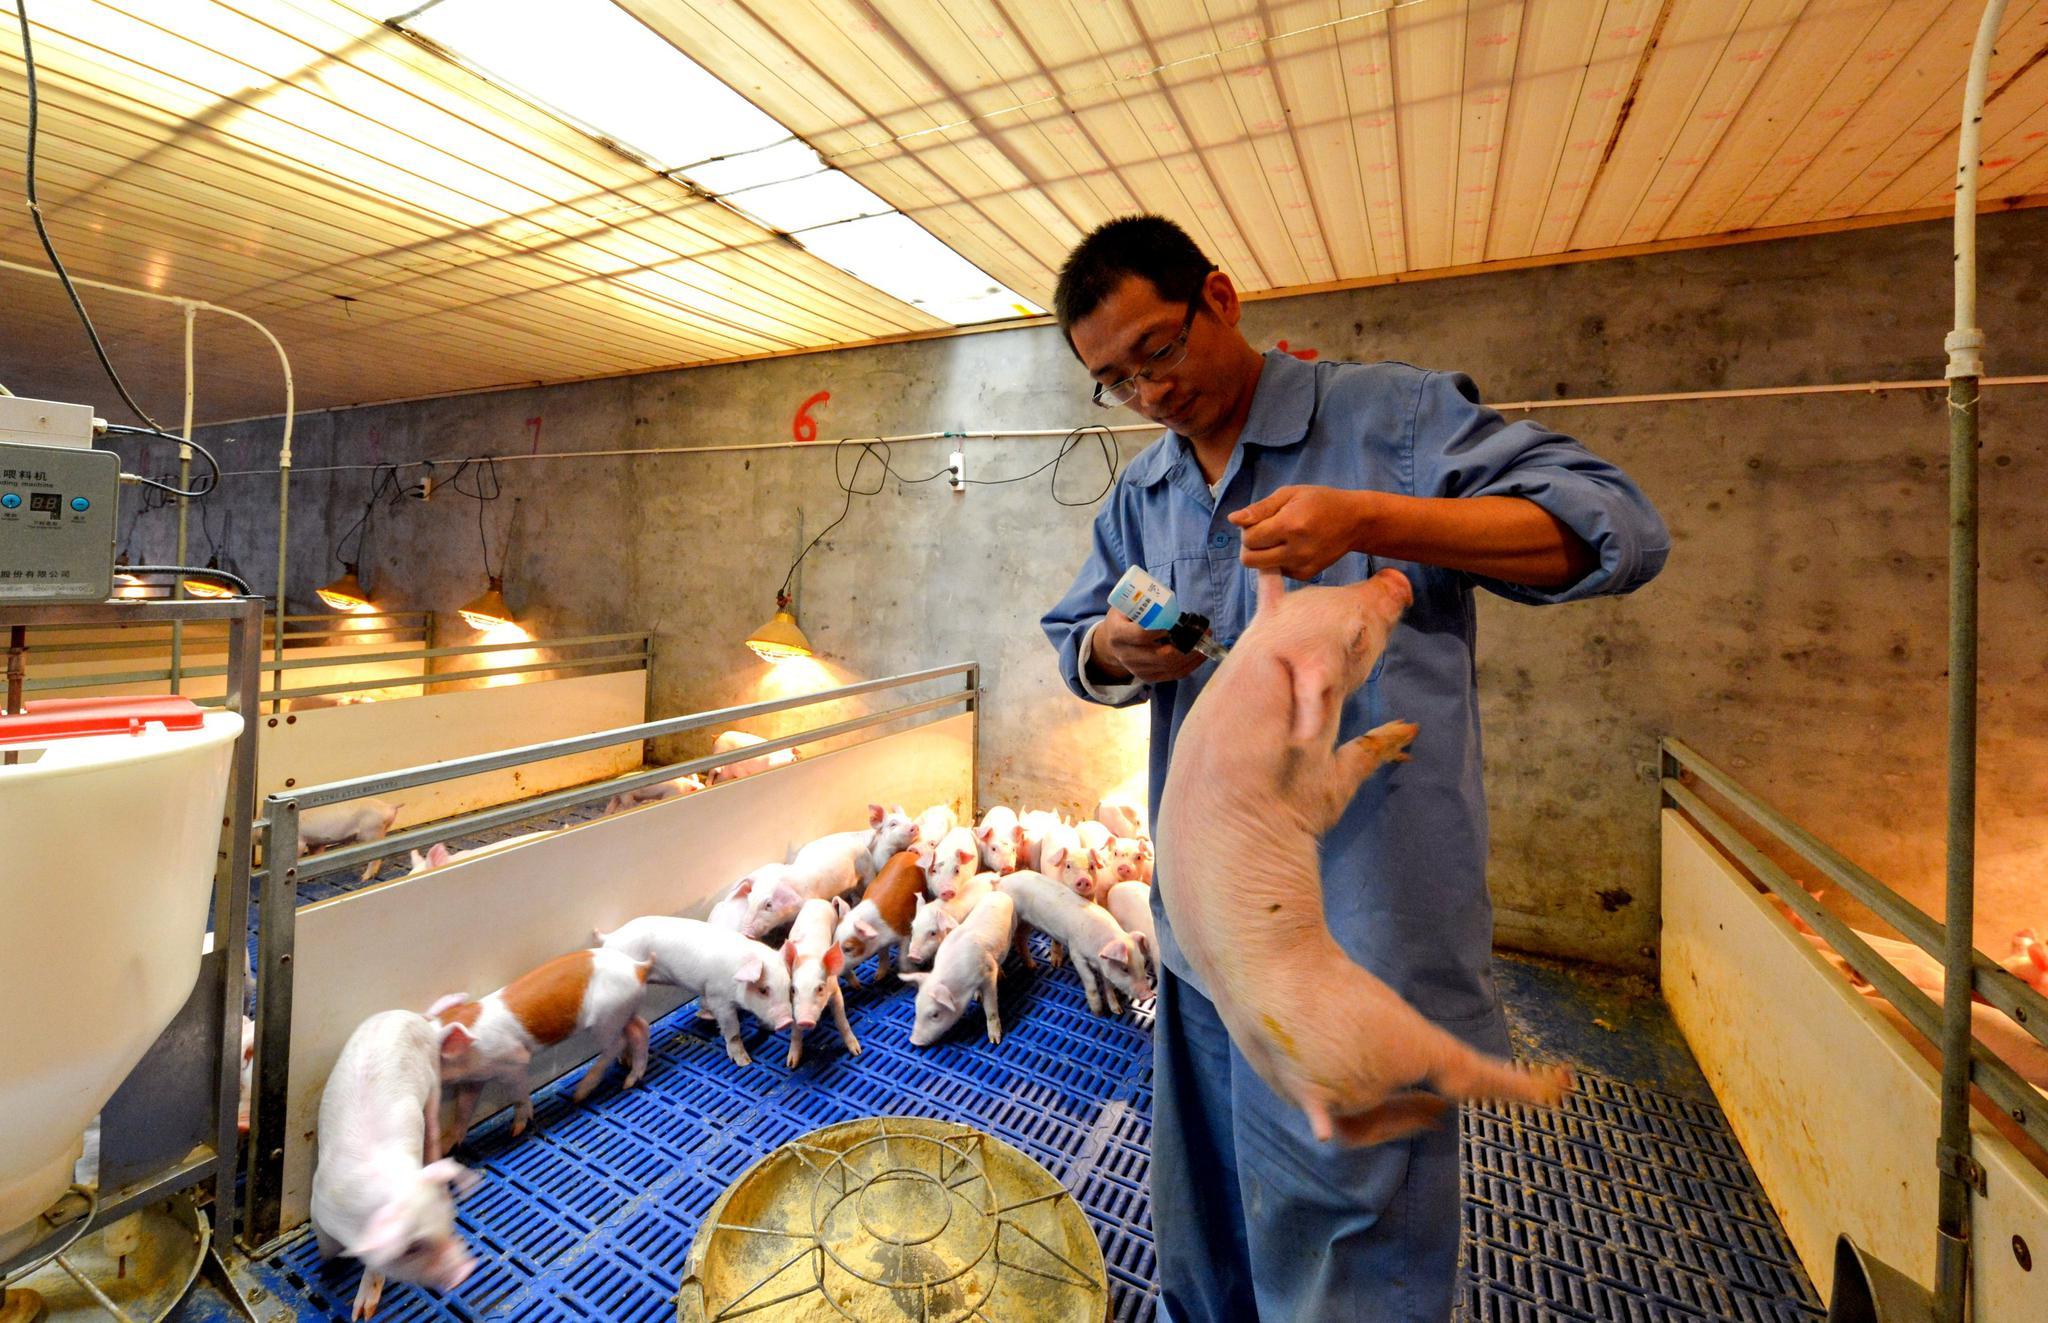 保供稳价!国务院督促各地加快发放非洲猪瘟强制扑杀补助,综合施策恢复生产